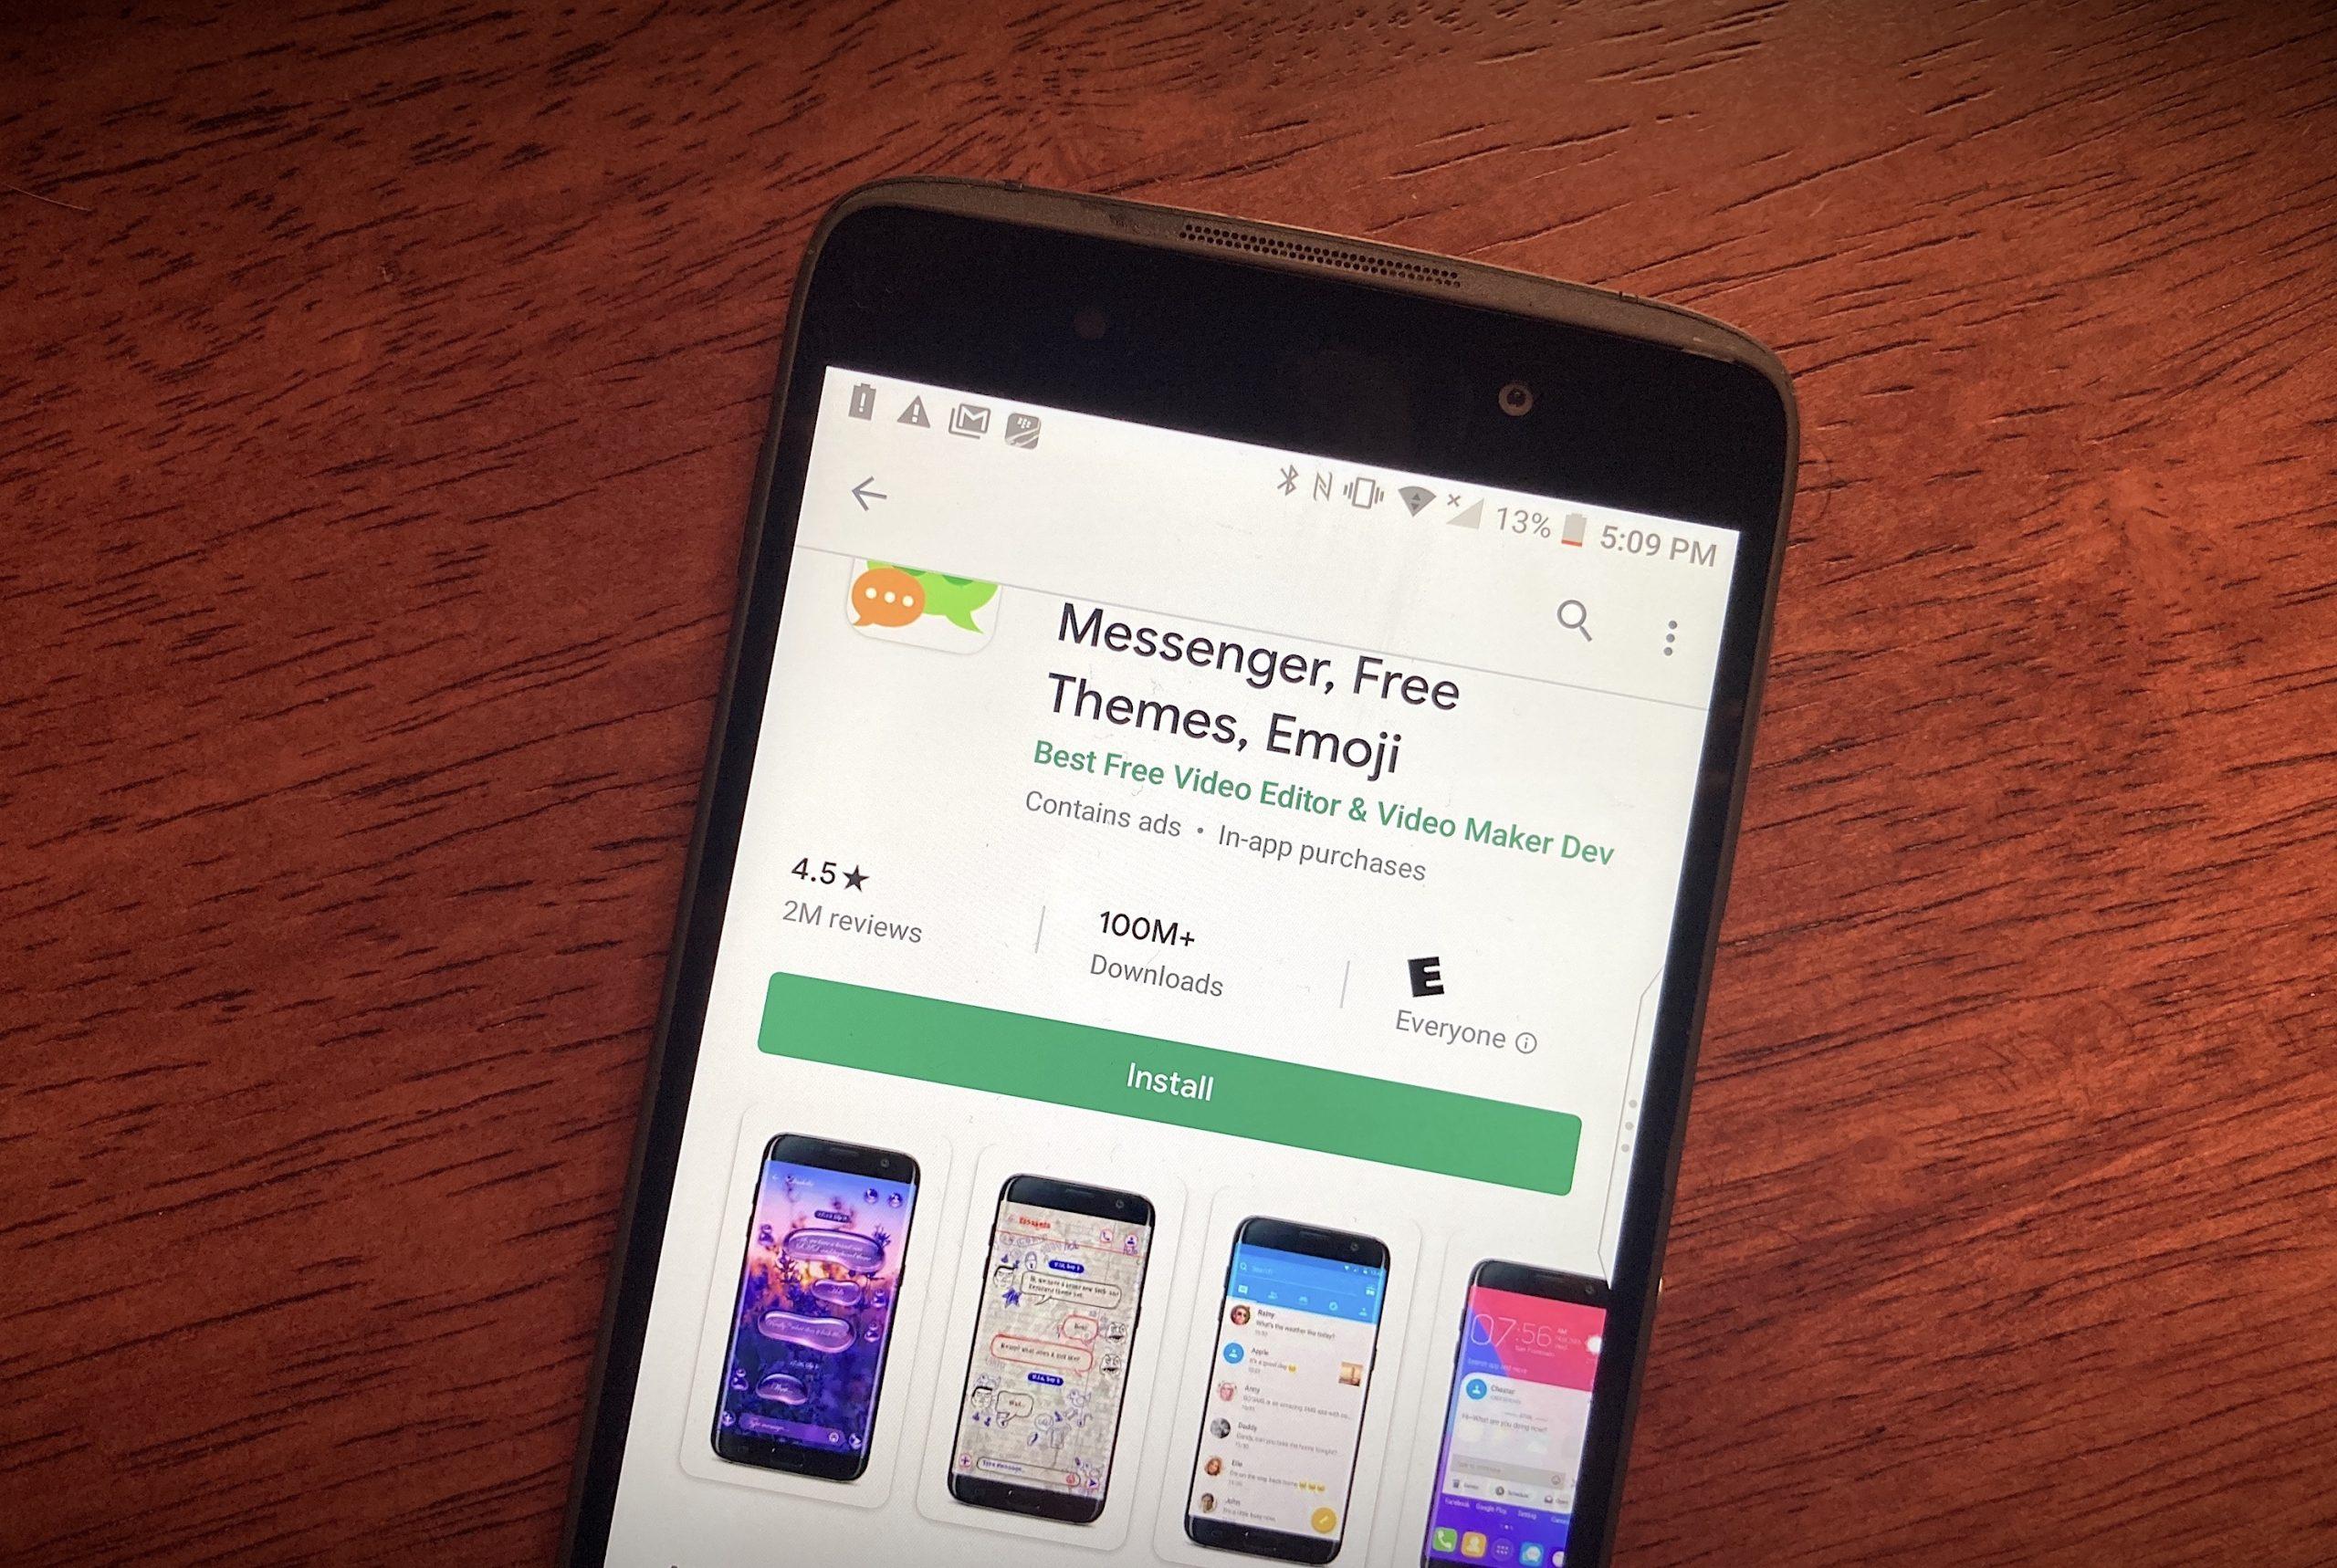 ¡Alerta! Go SMS Pro envía a Internet todos los archivos